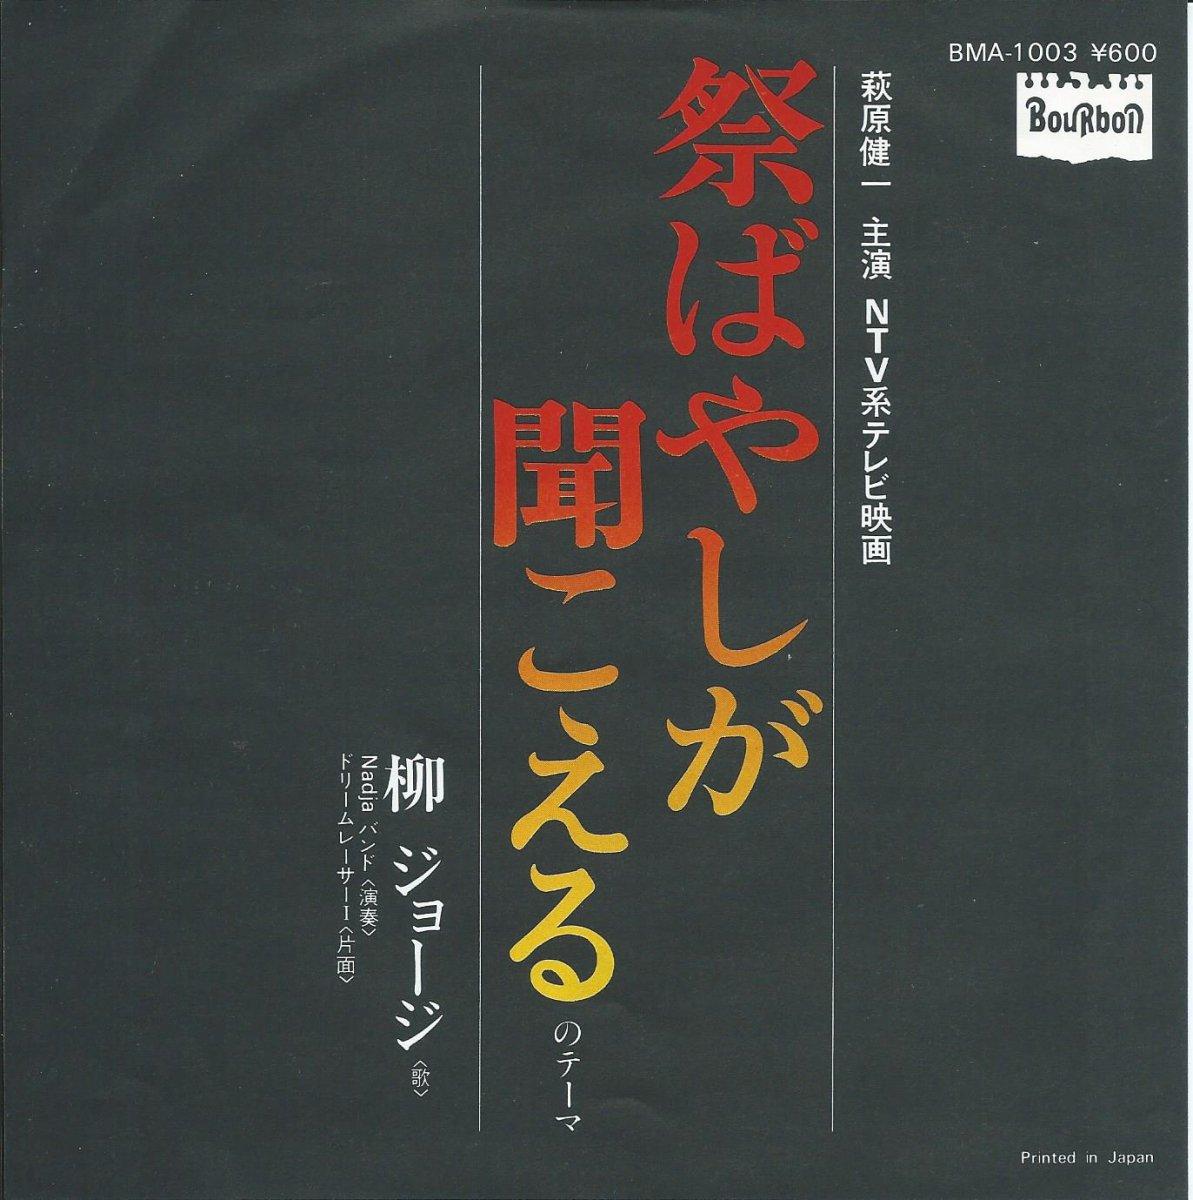 柳ジョージ & NADJAバンド / 祭ばやしが聞こえるのテーマ / ドリームレーサー1 (7